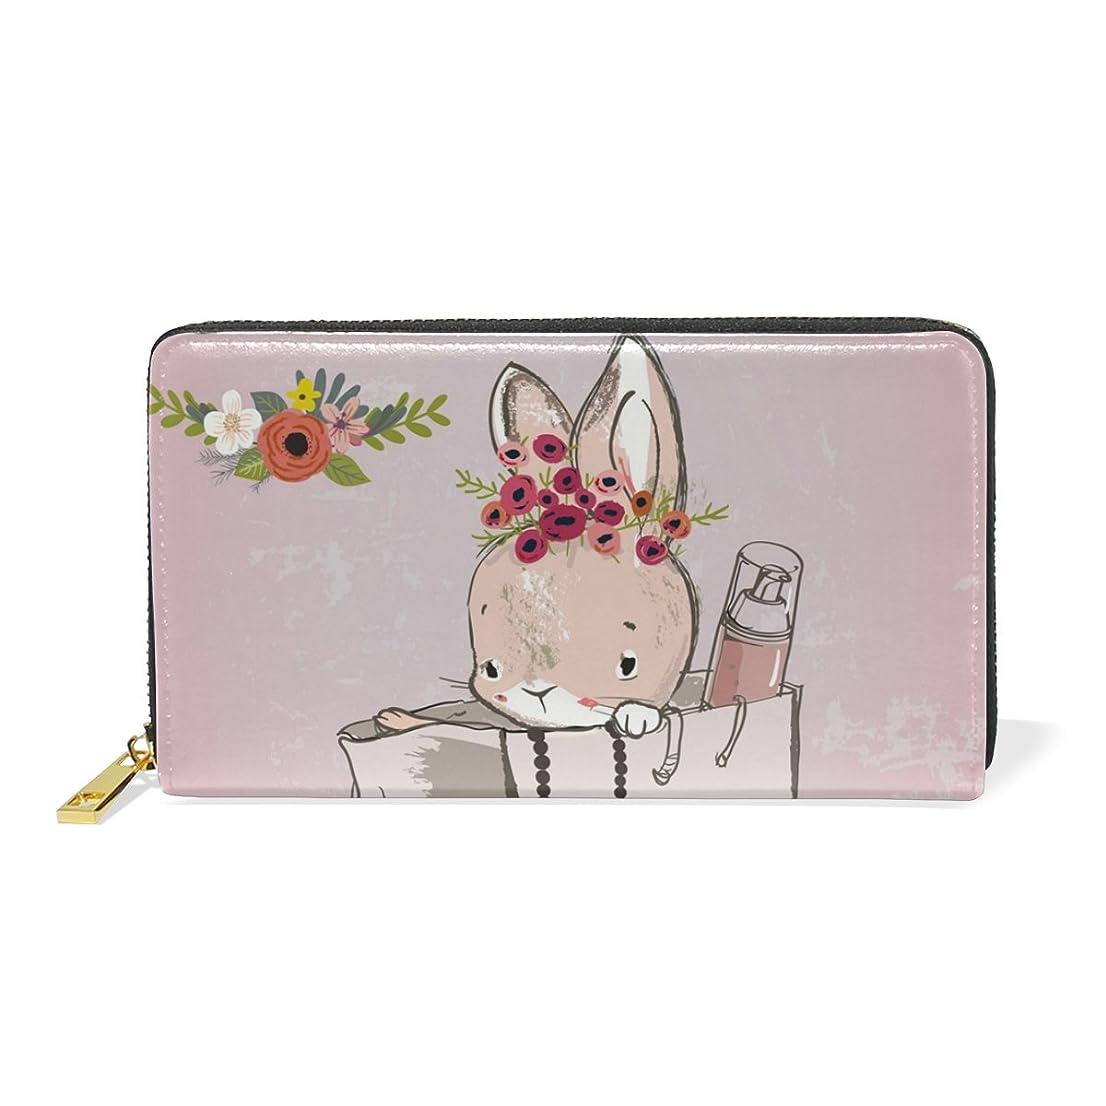 唯一雑品権限ALAZA 財布 兔柄 ウサギ柄 本革 大容量 18枚 多機能 ラウンドファスナー 小銭入れ付 レディース 二つ折り